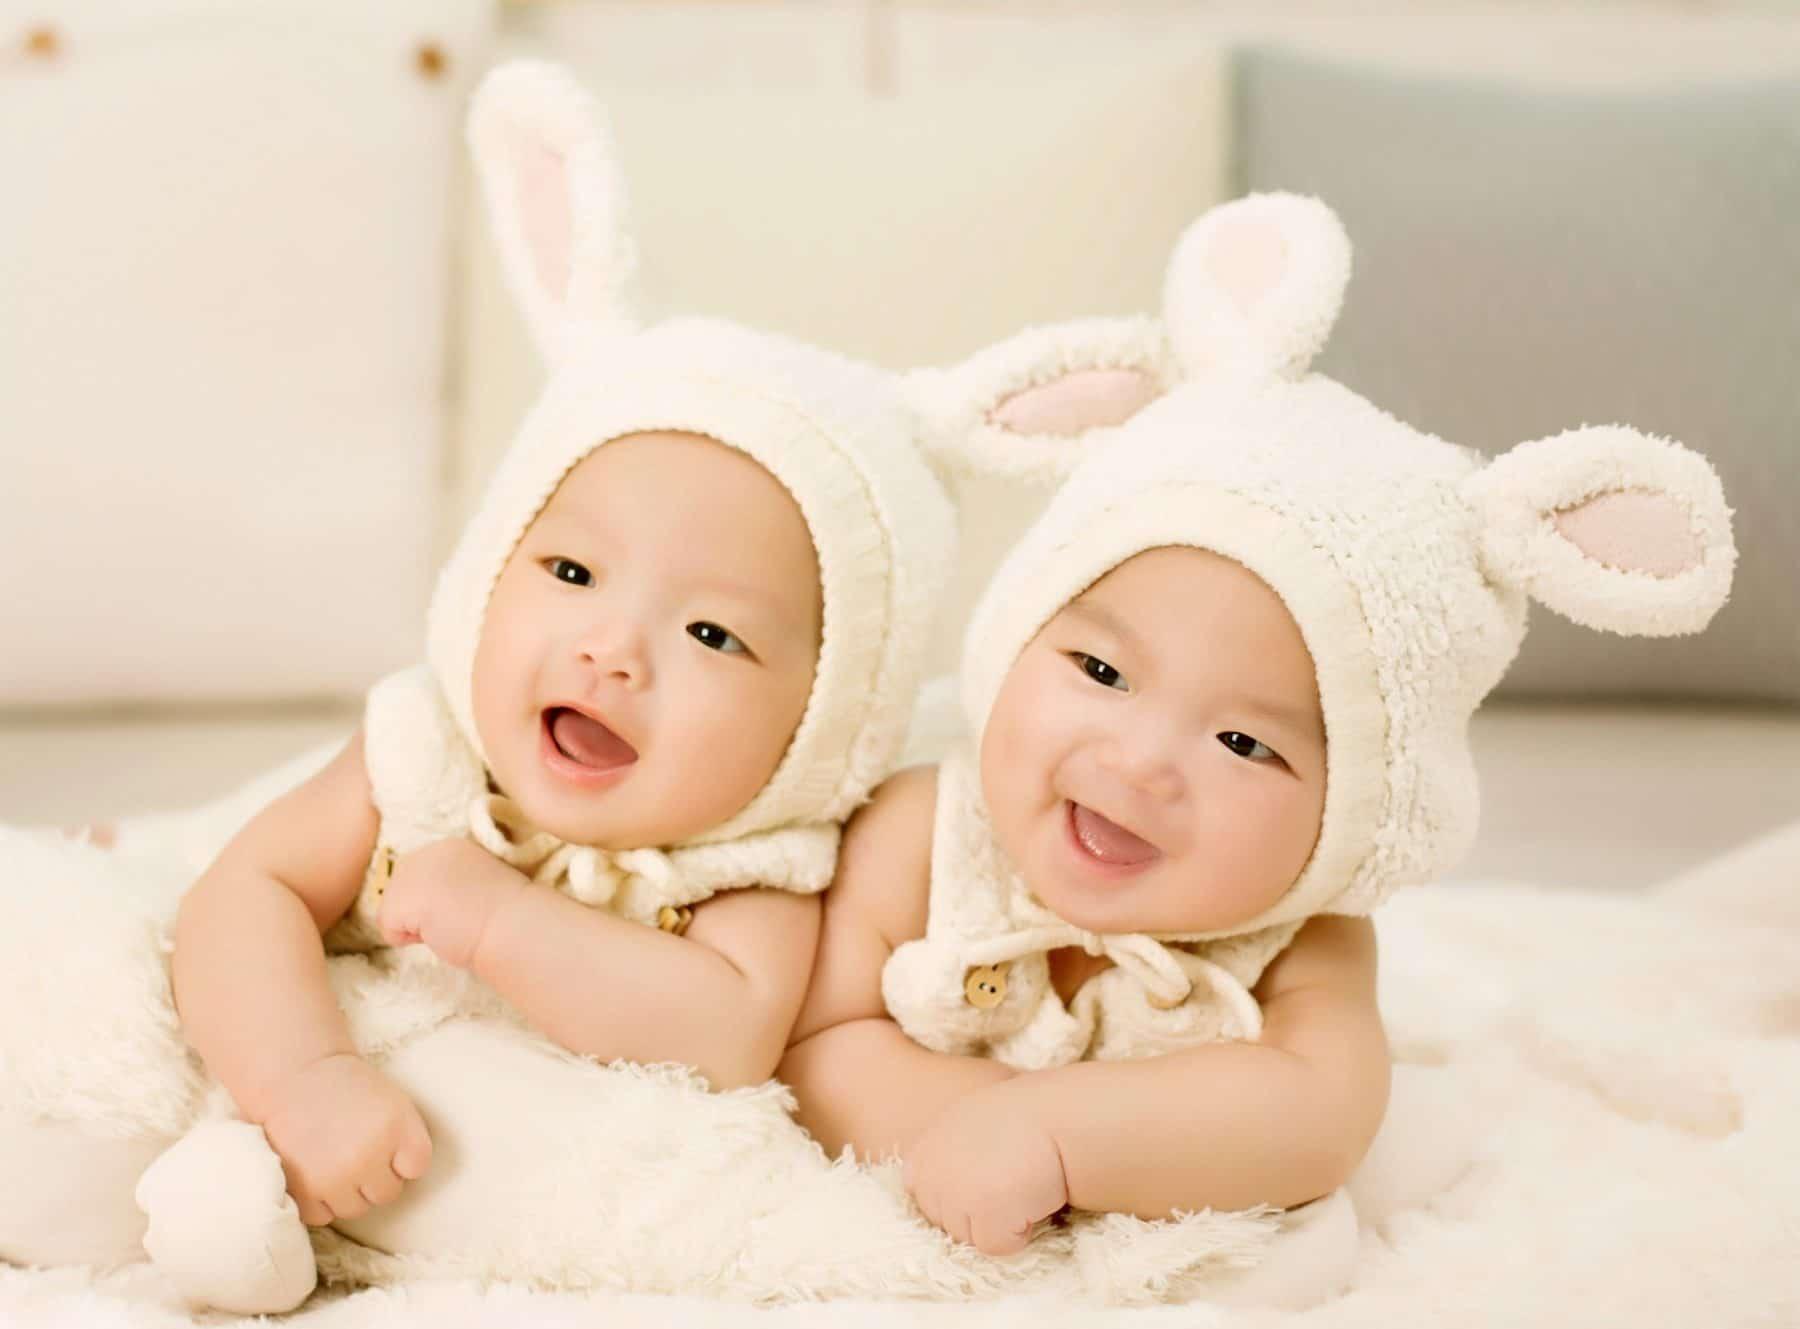 Zwillingsbabies mit Häschen-Mütze